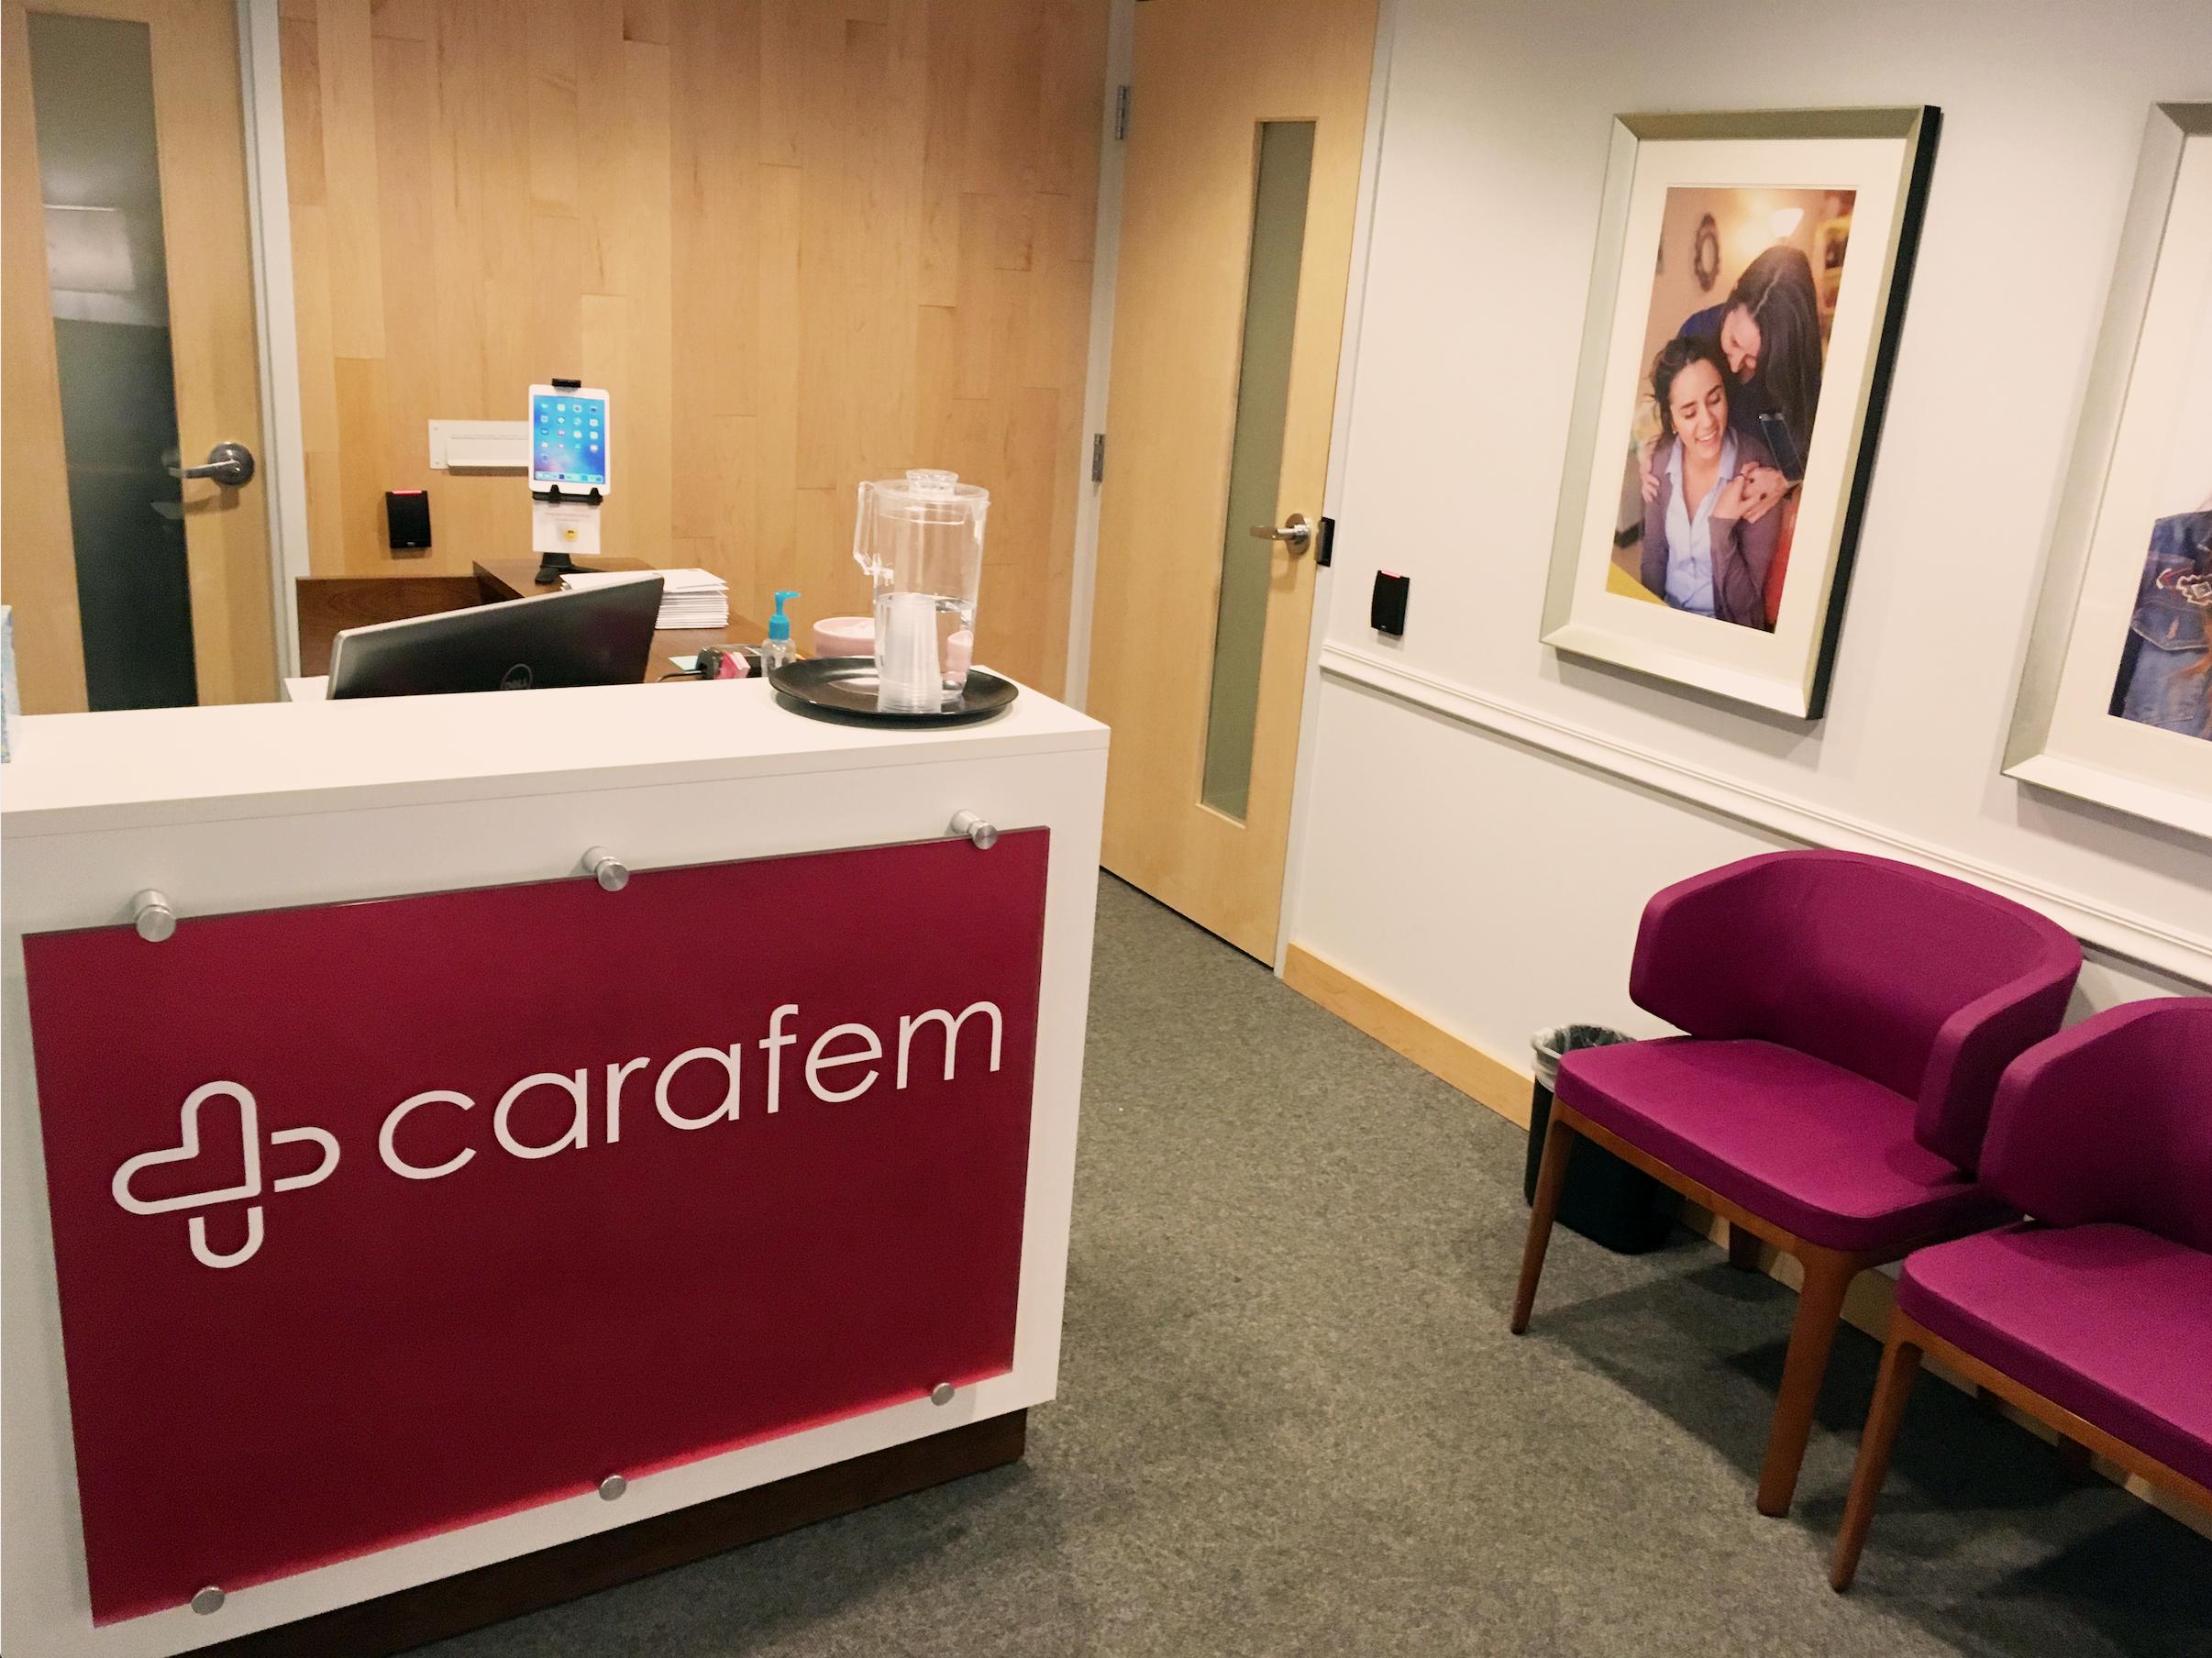 carafem DC clinic